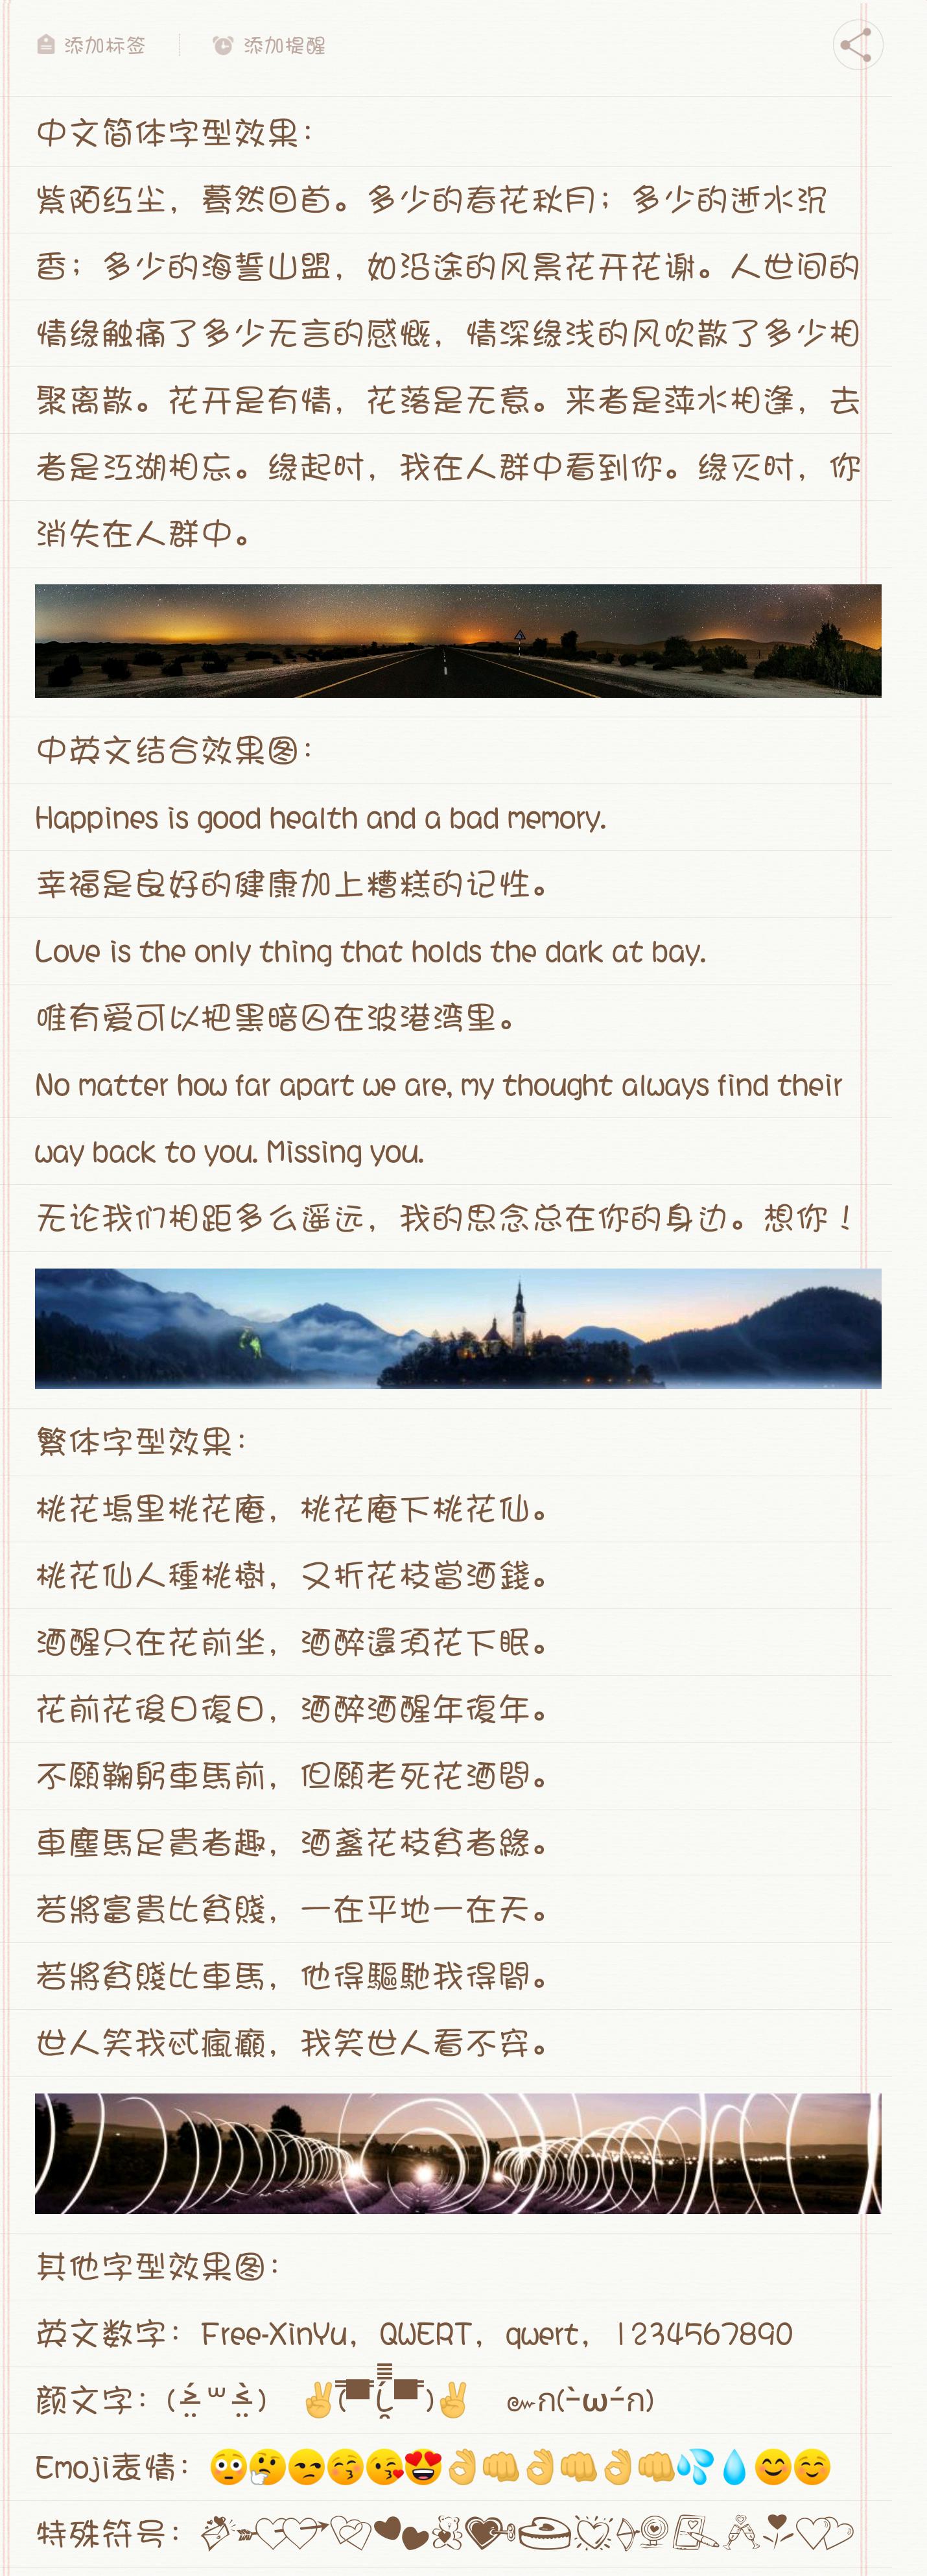 熊兔体(少女字体台湾版).png